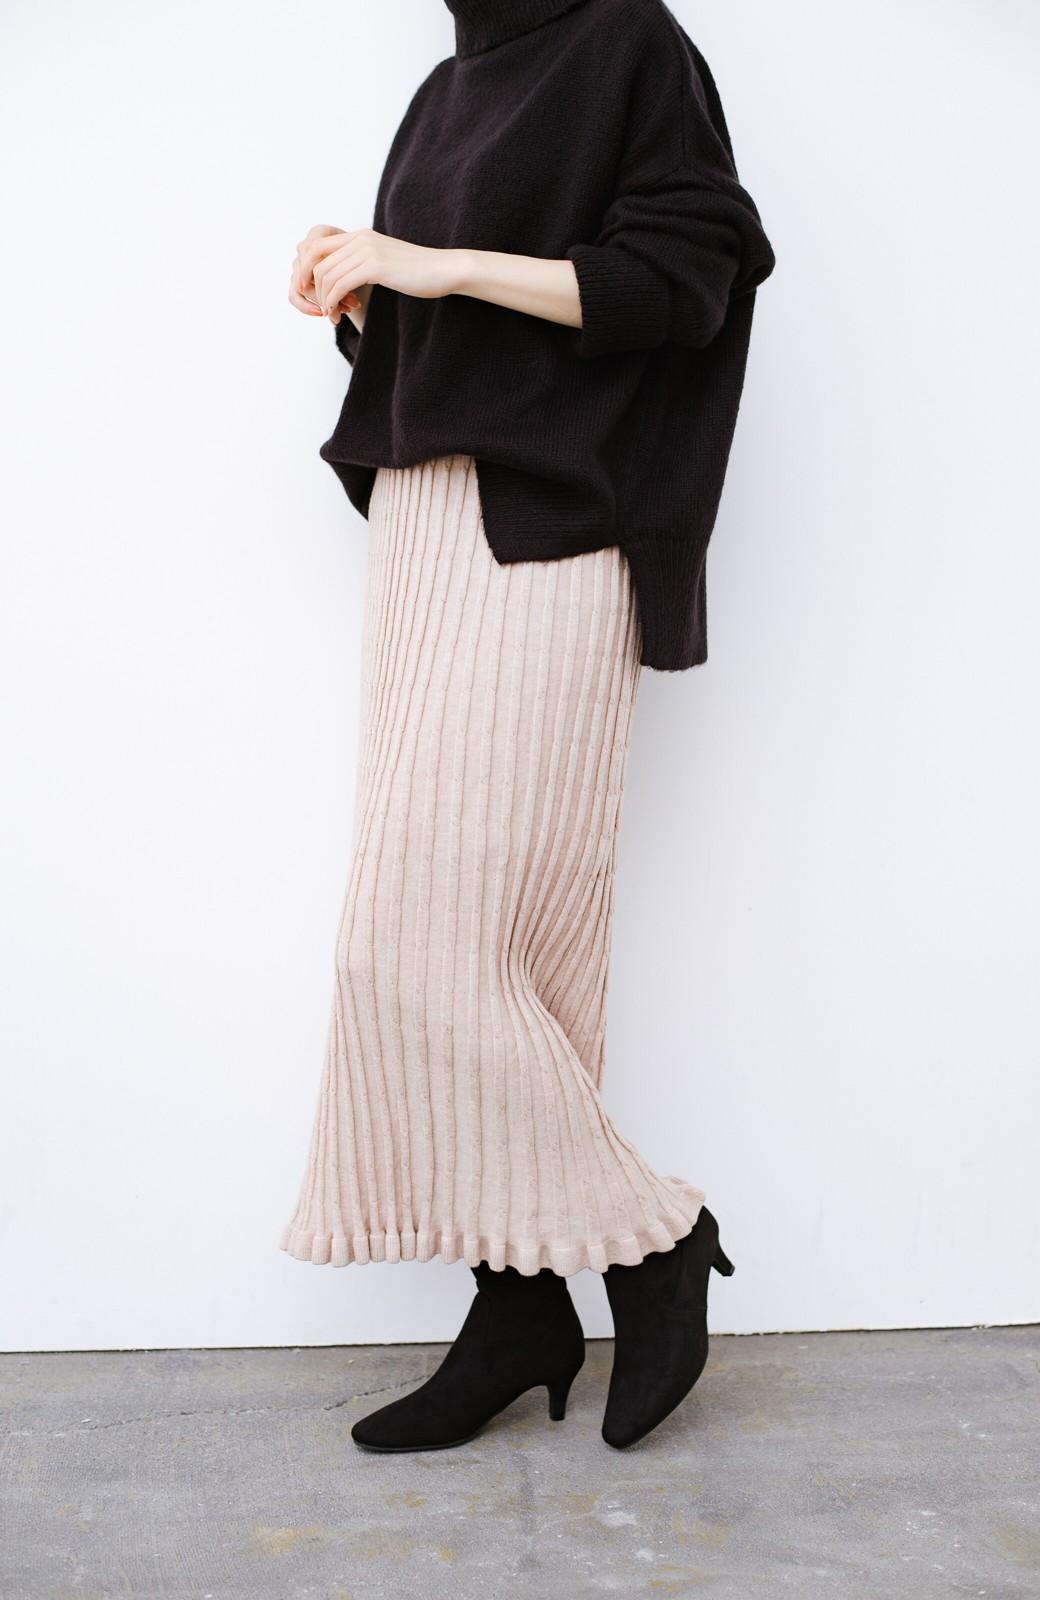 haco! デニムにもスカートにも似合う!すぽっと履けてスタイルアップが叶う女っぽフェイクスエードブーツ <ブラック>の商品写真6